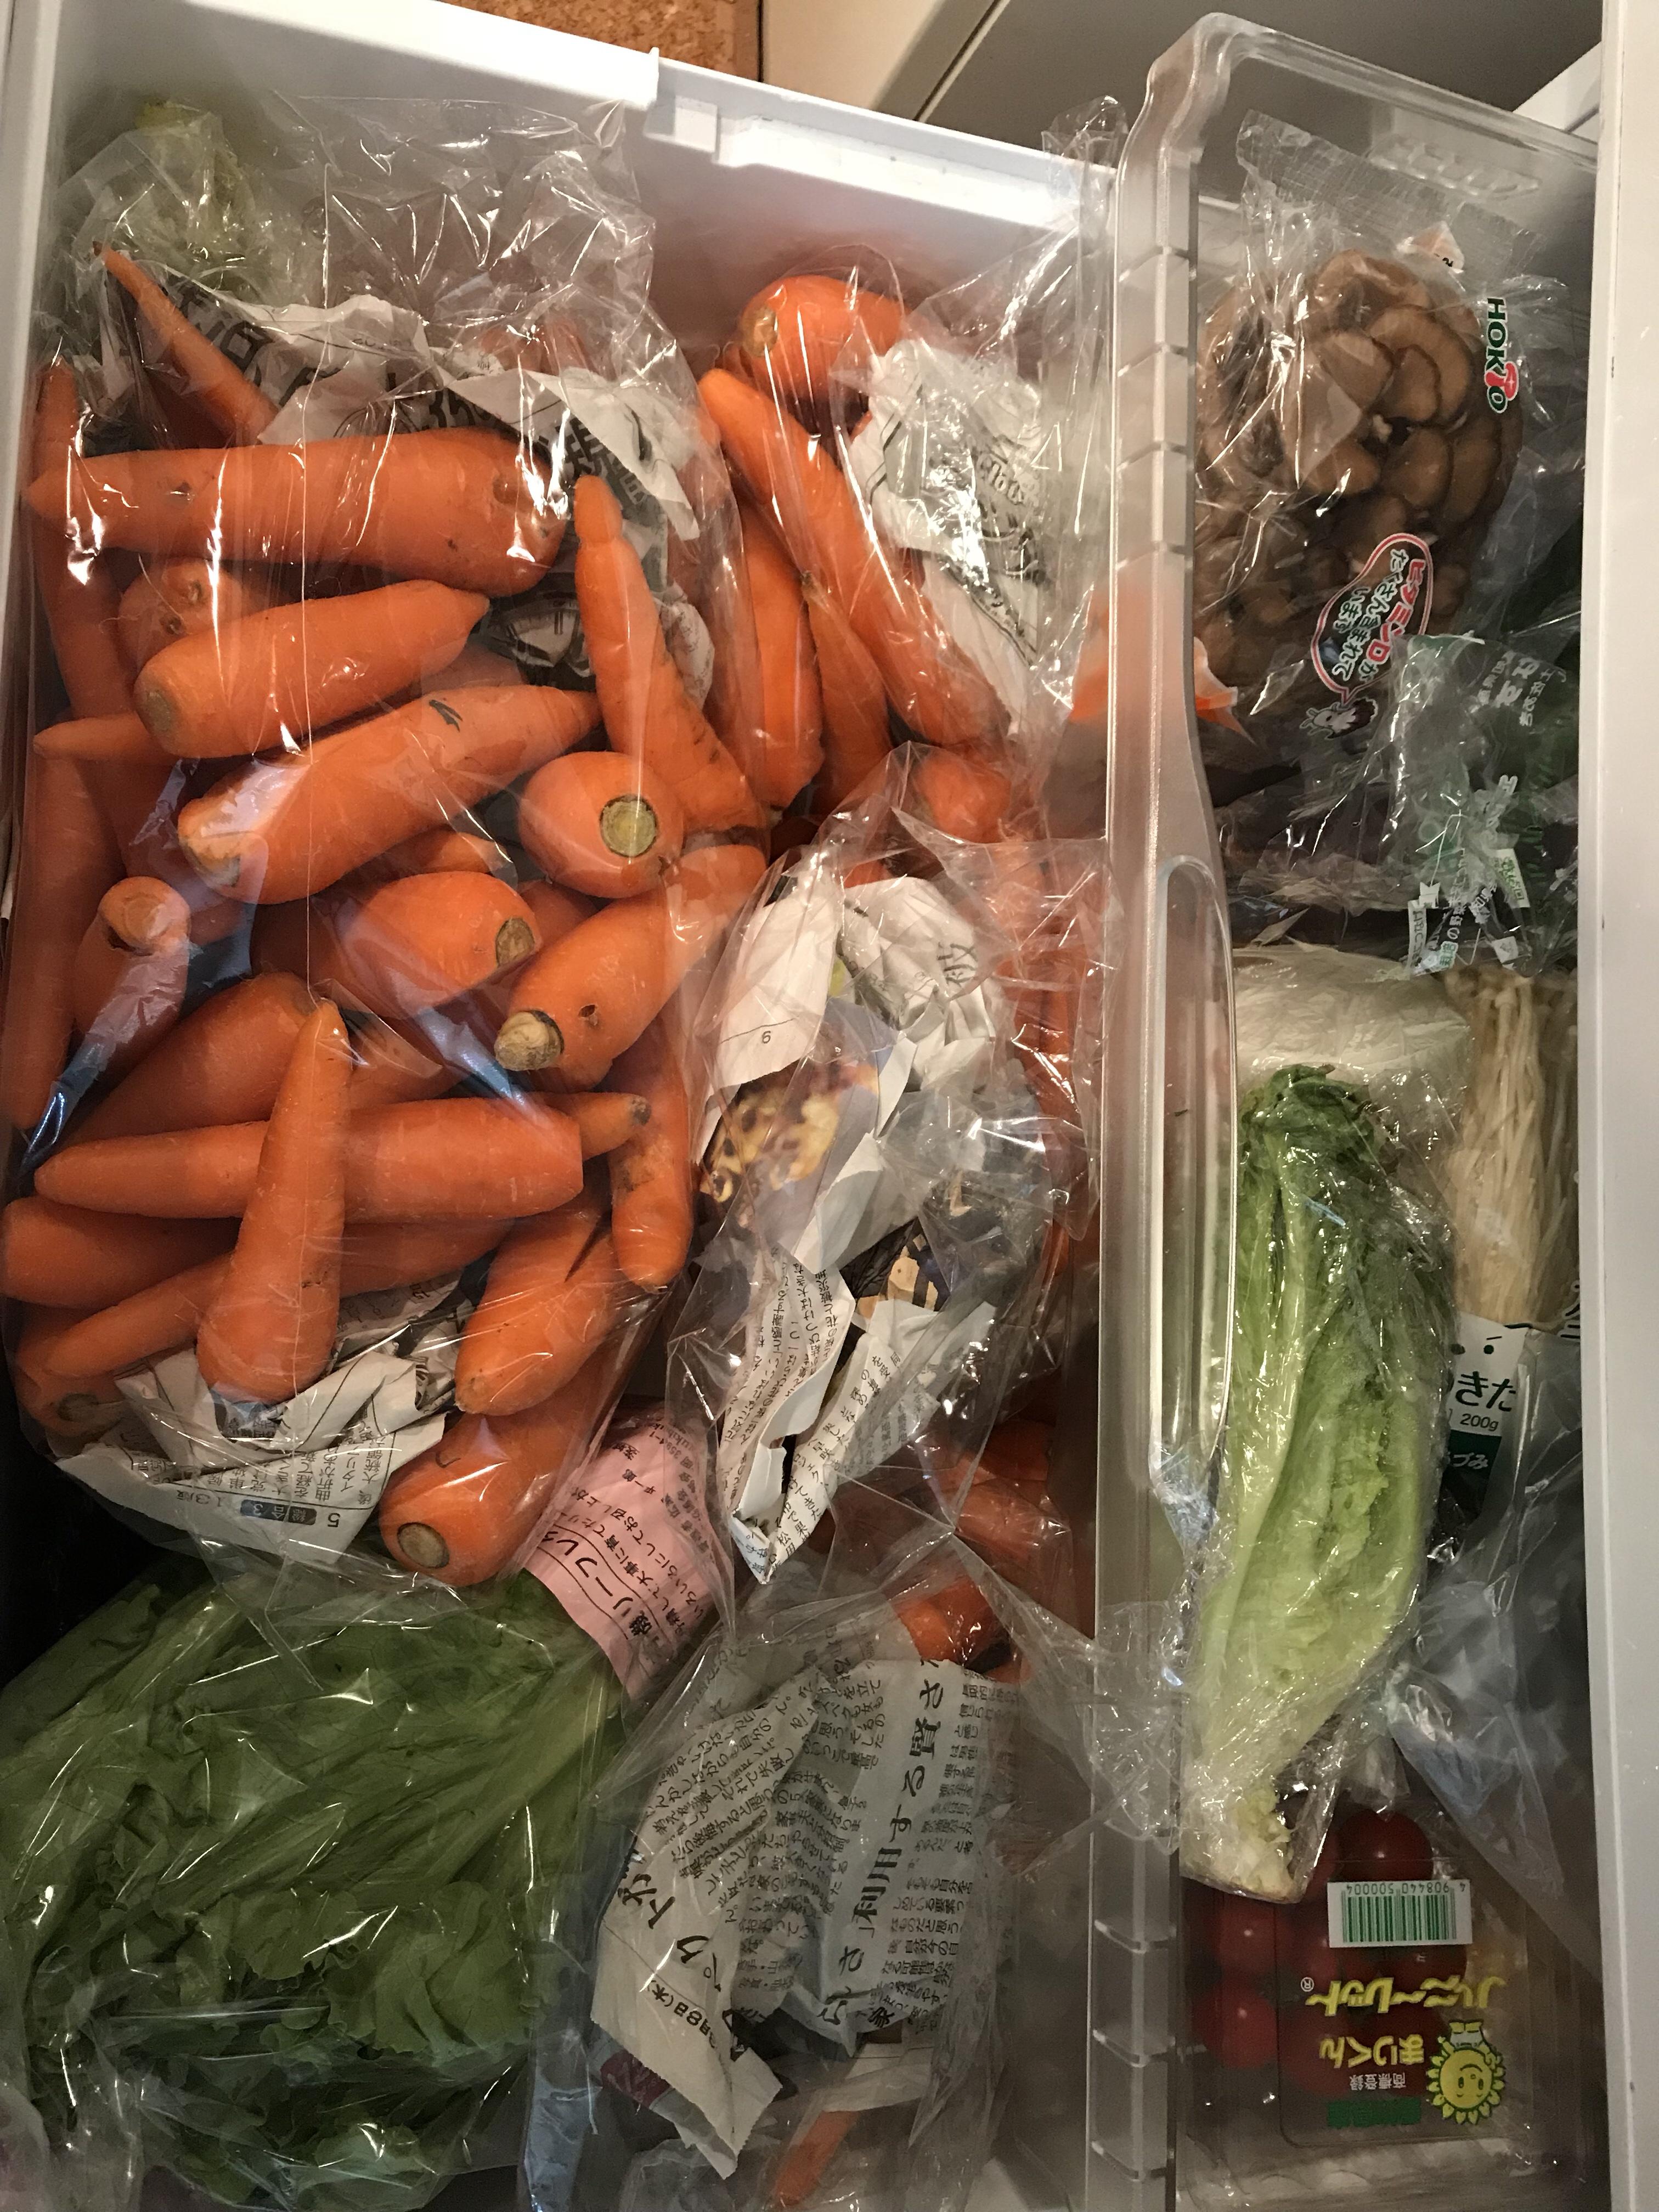 人参10キロ、野菜室に収まりました!何とかなるもんです